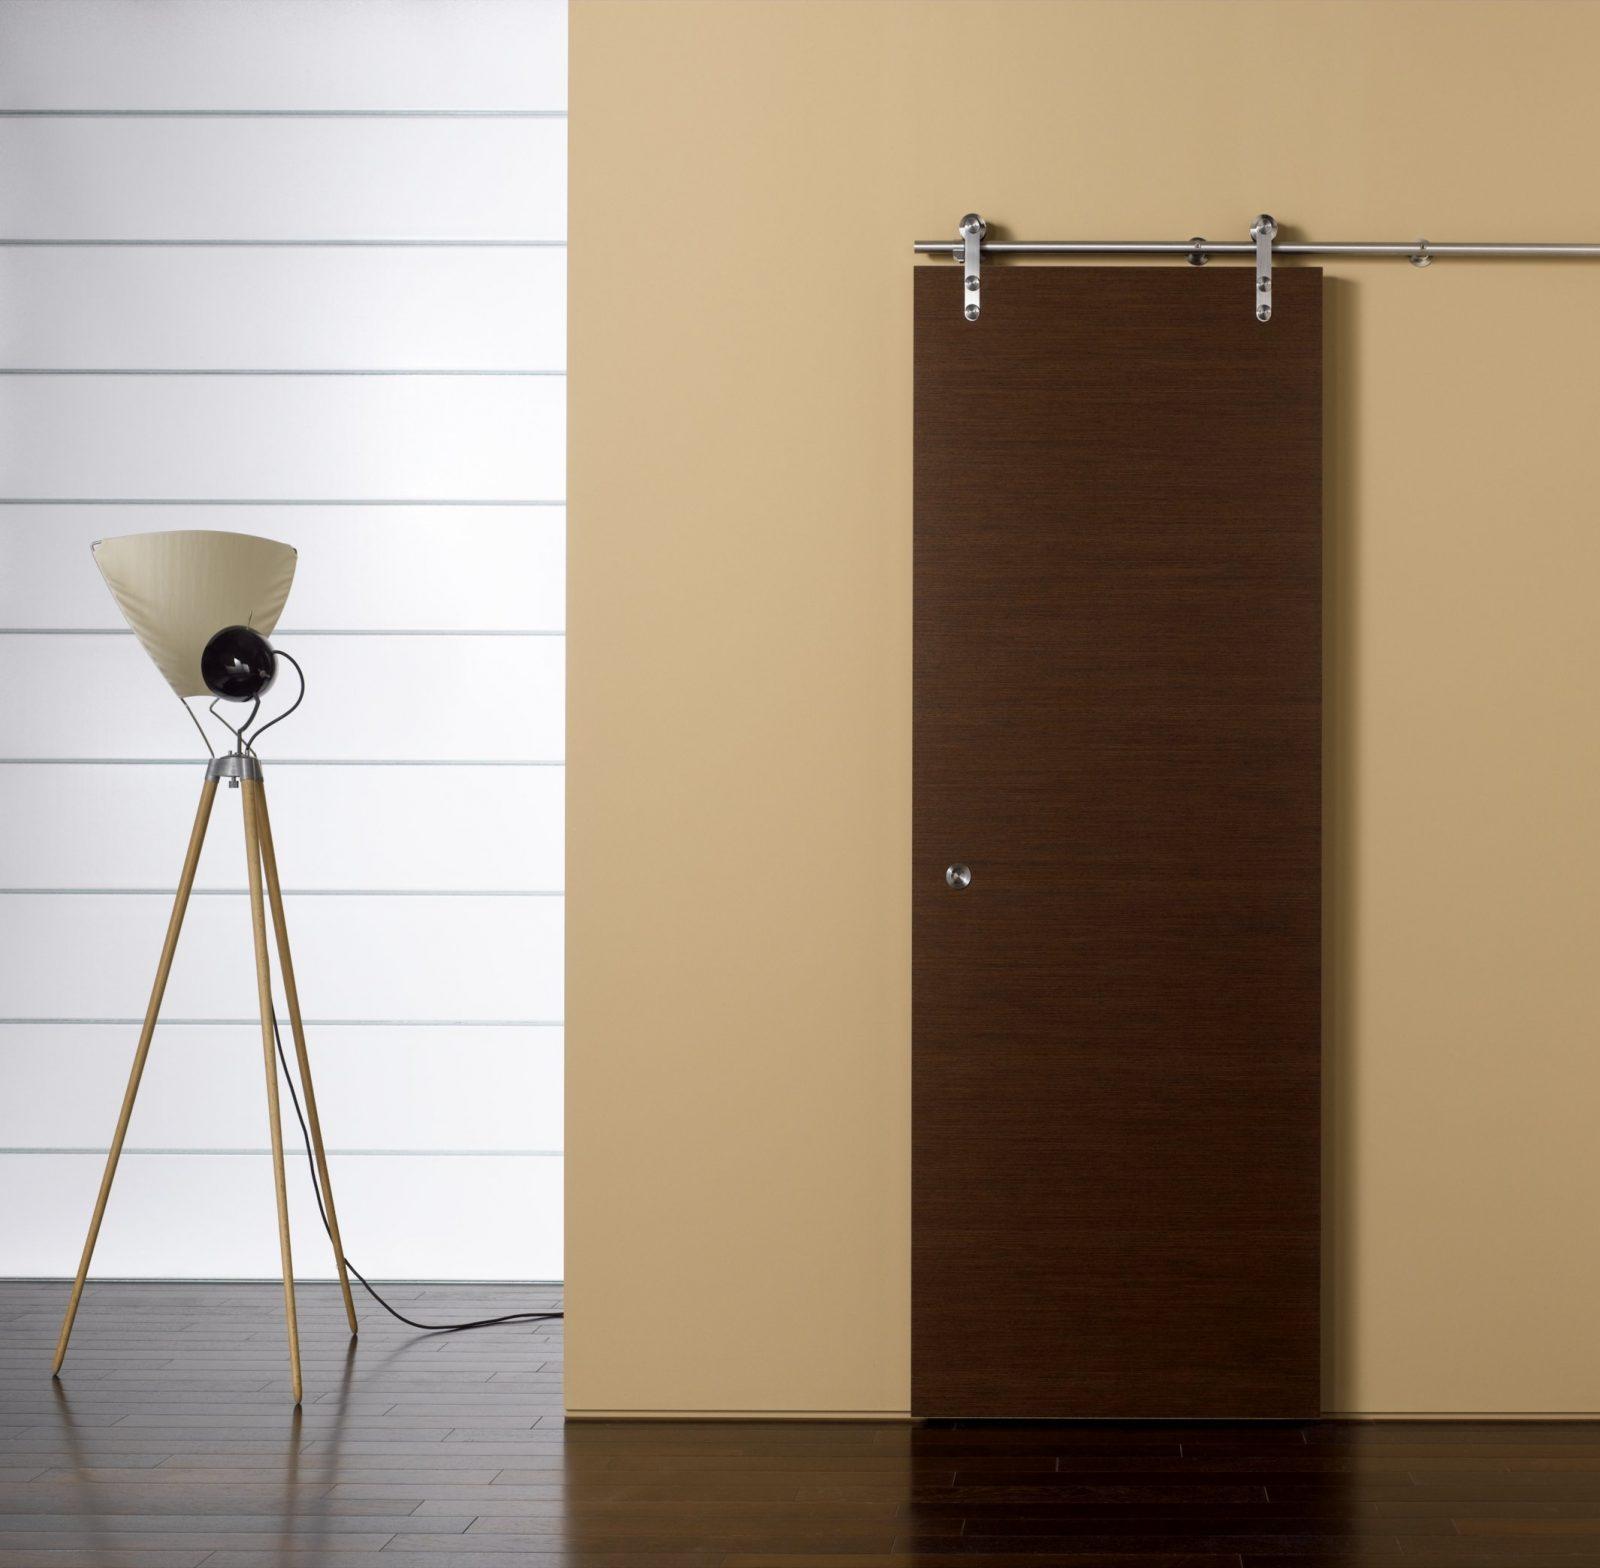 Furnierte Türen Richtig Reinigen Und Pflegen von Kann Man Furnierte Türen Streichen Bild